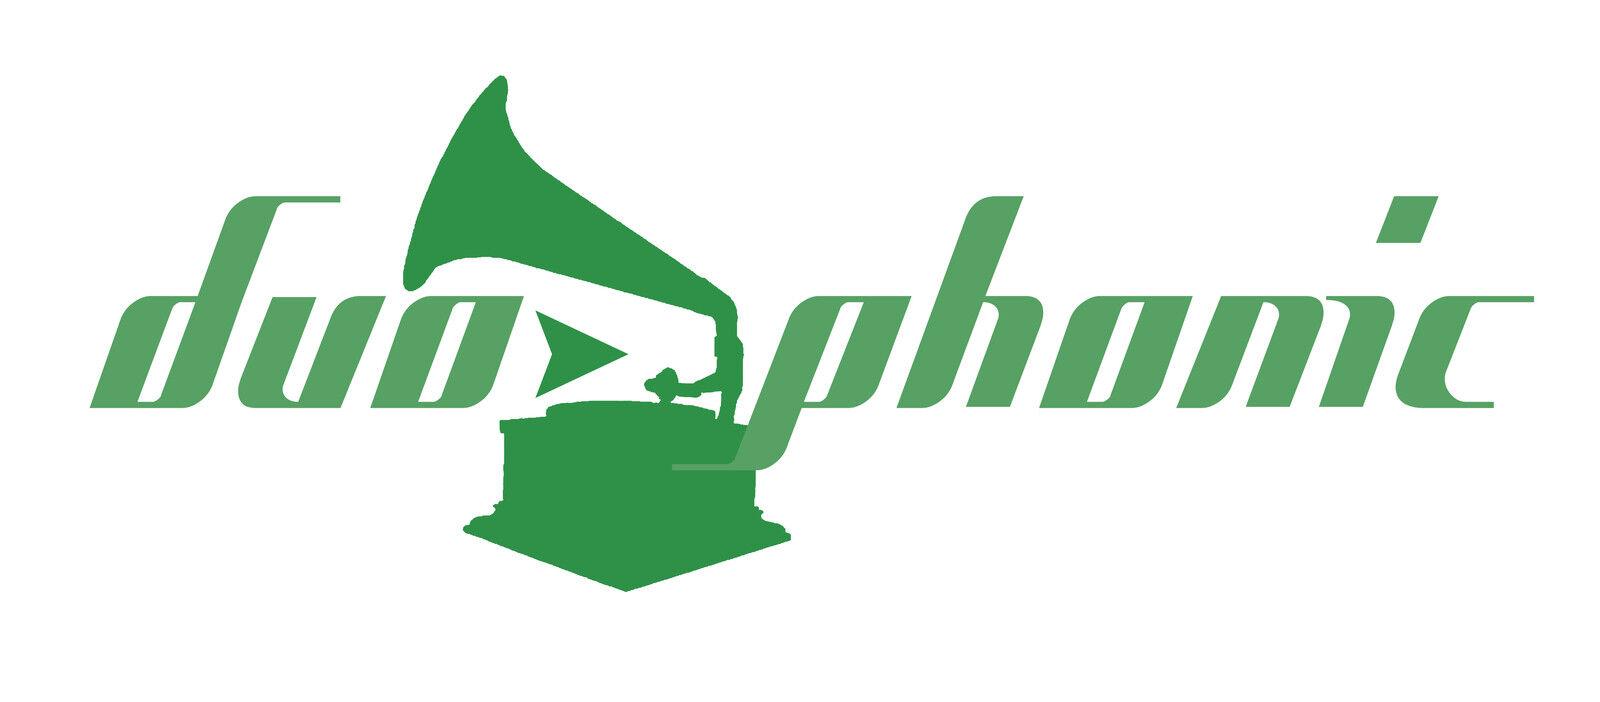 duo-phonic